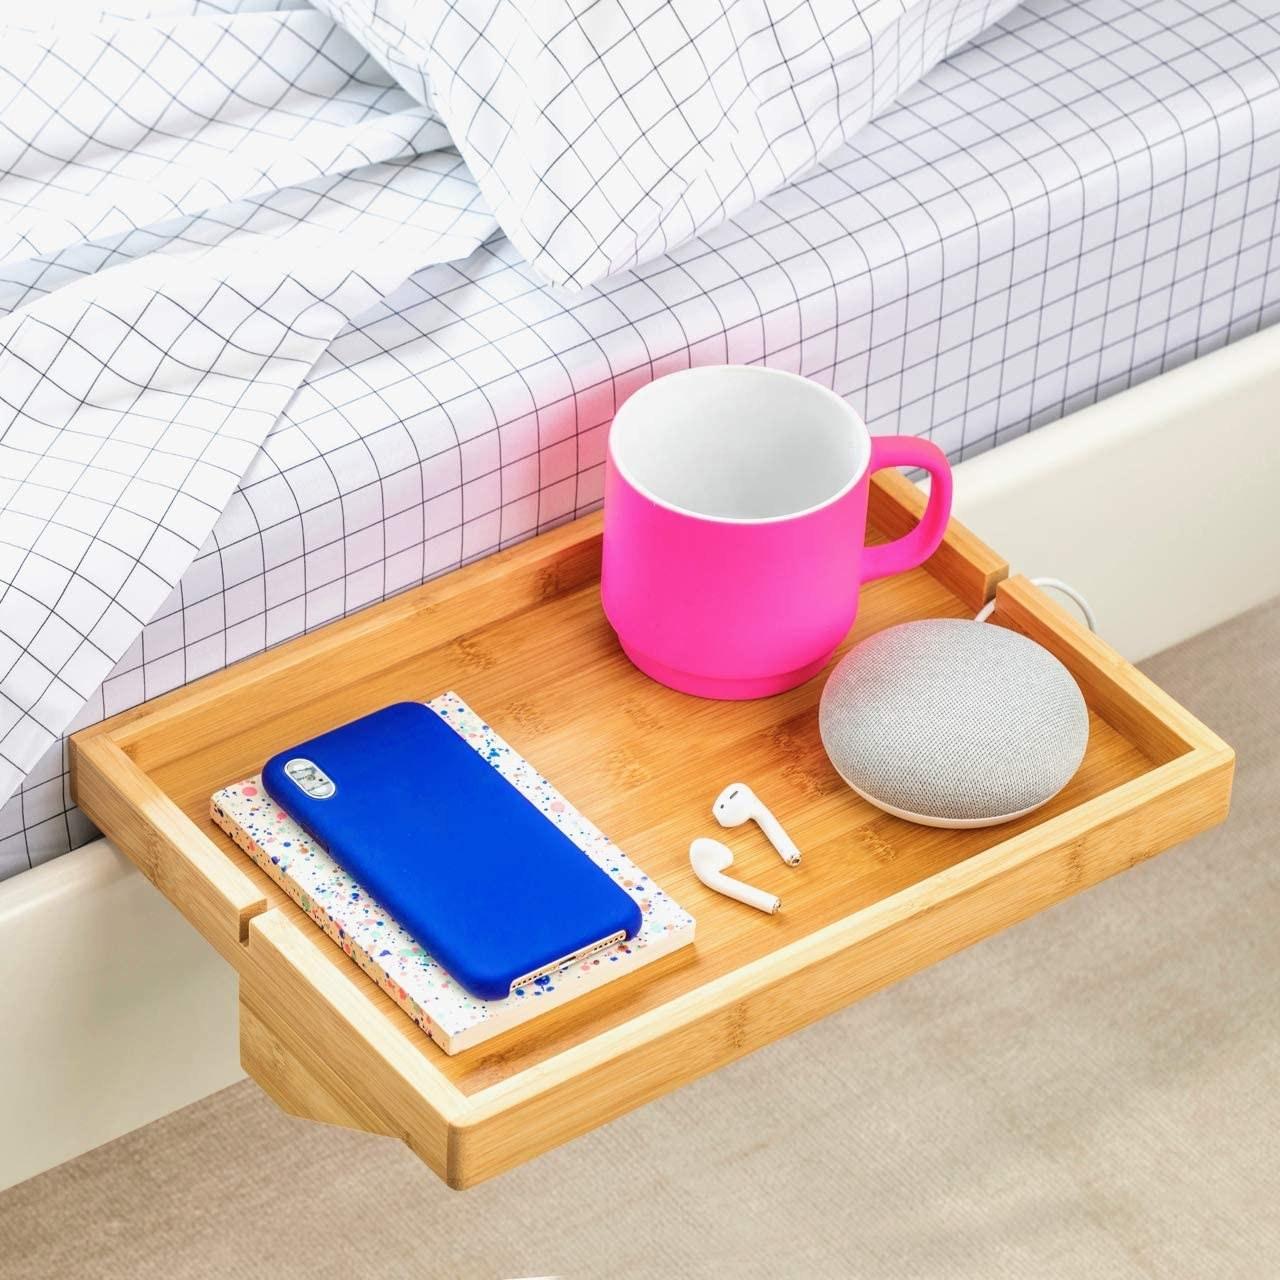 BedShelfie attached to bed frame